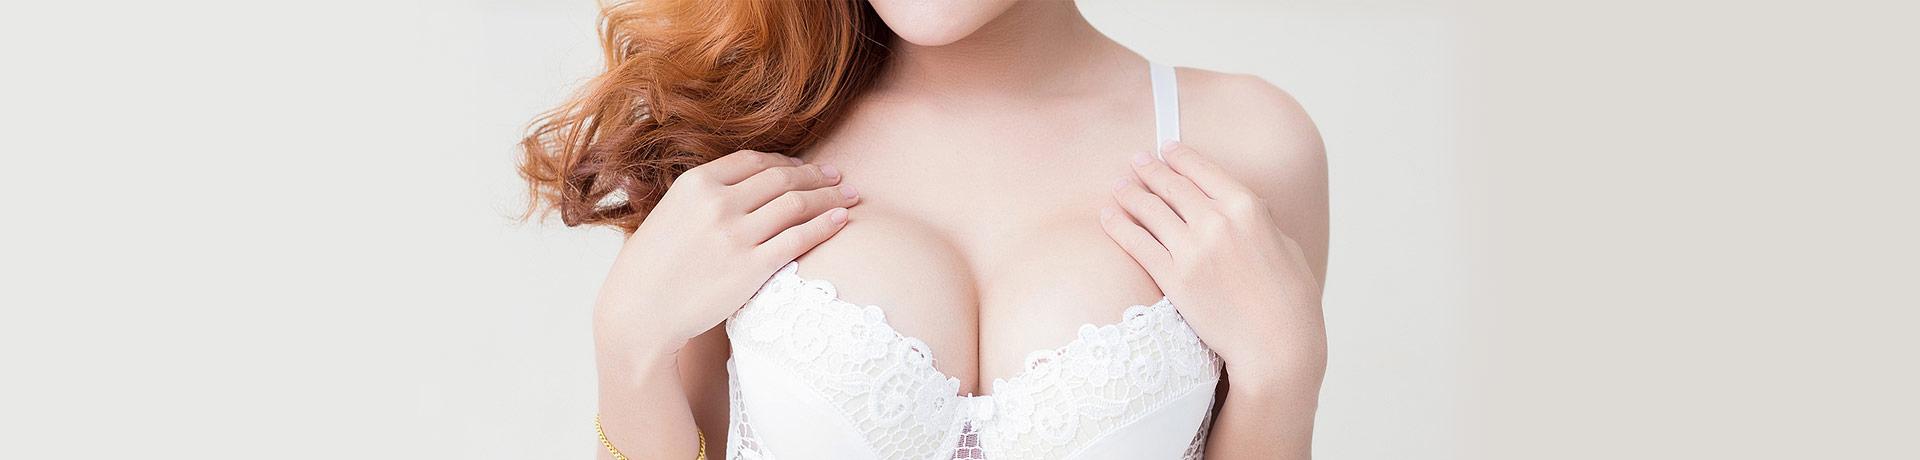 Ärzte für Brustverkleinerung mit und ohne OP München